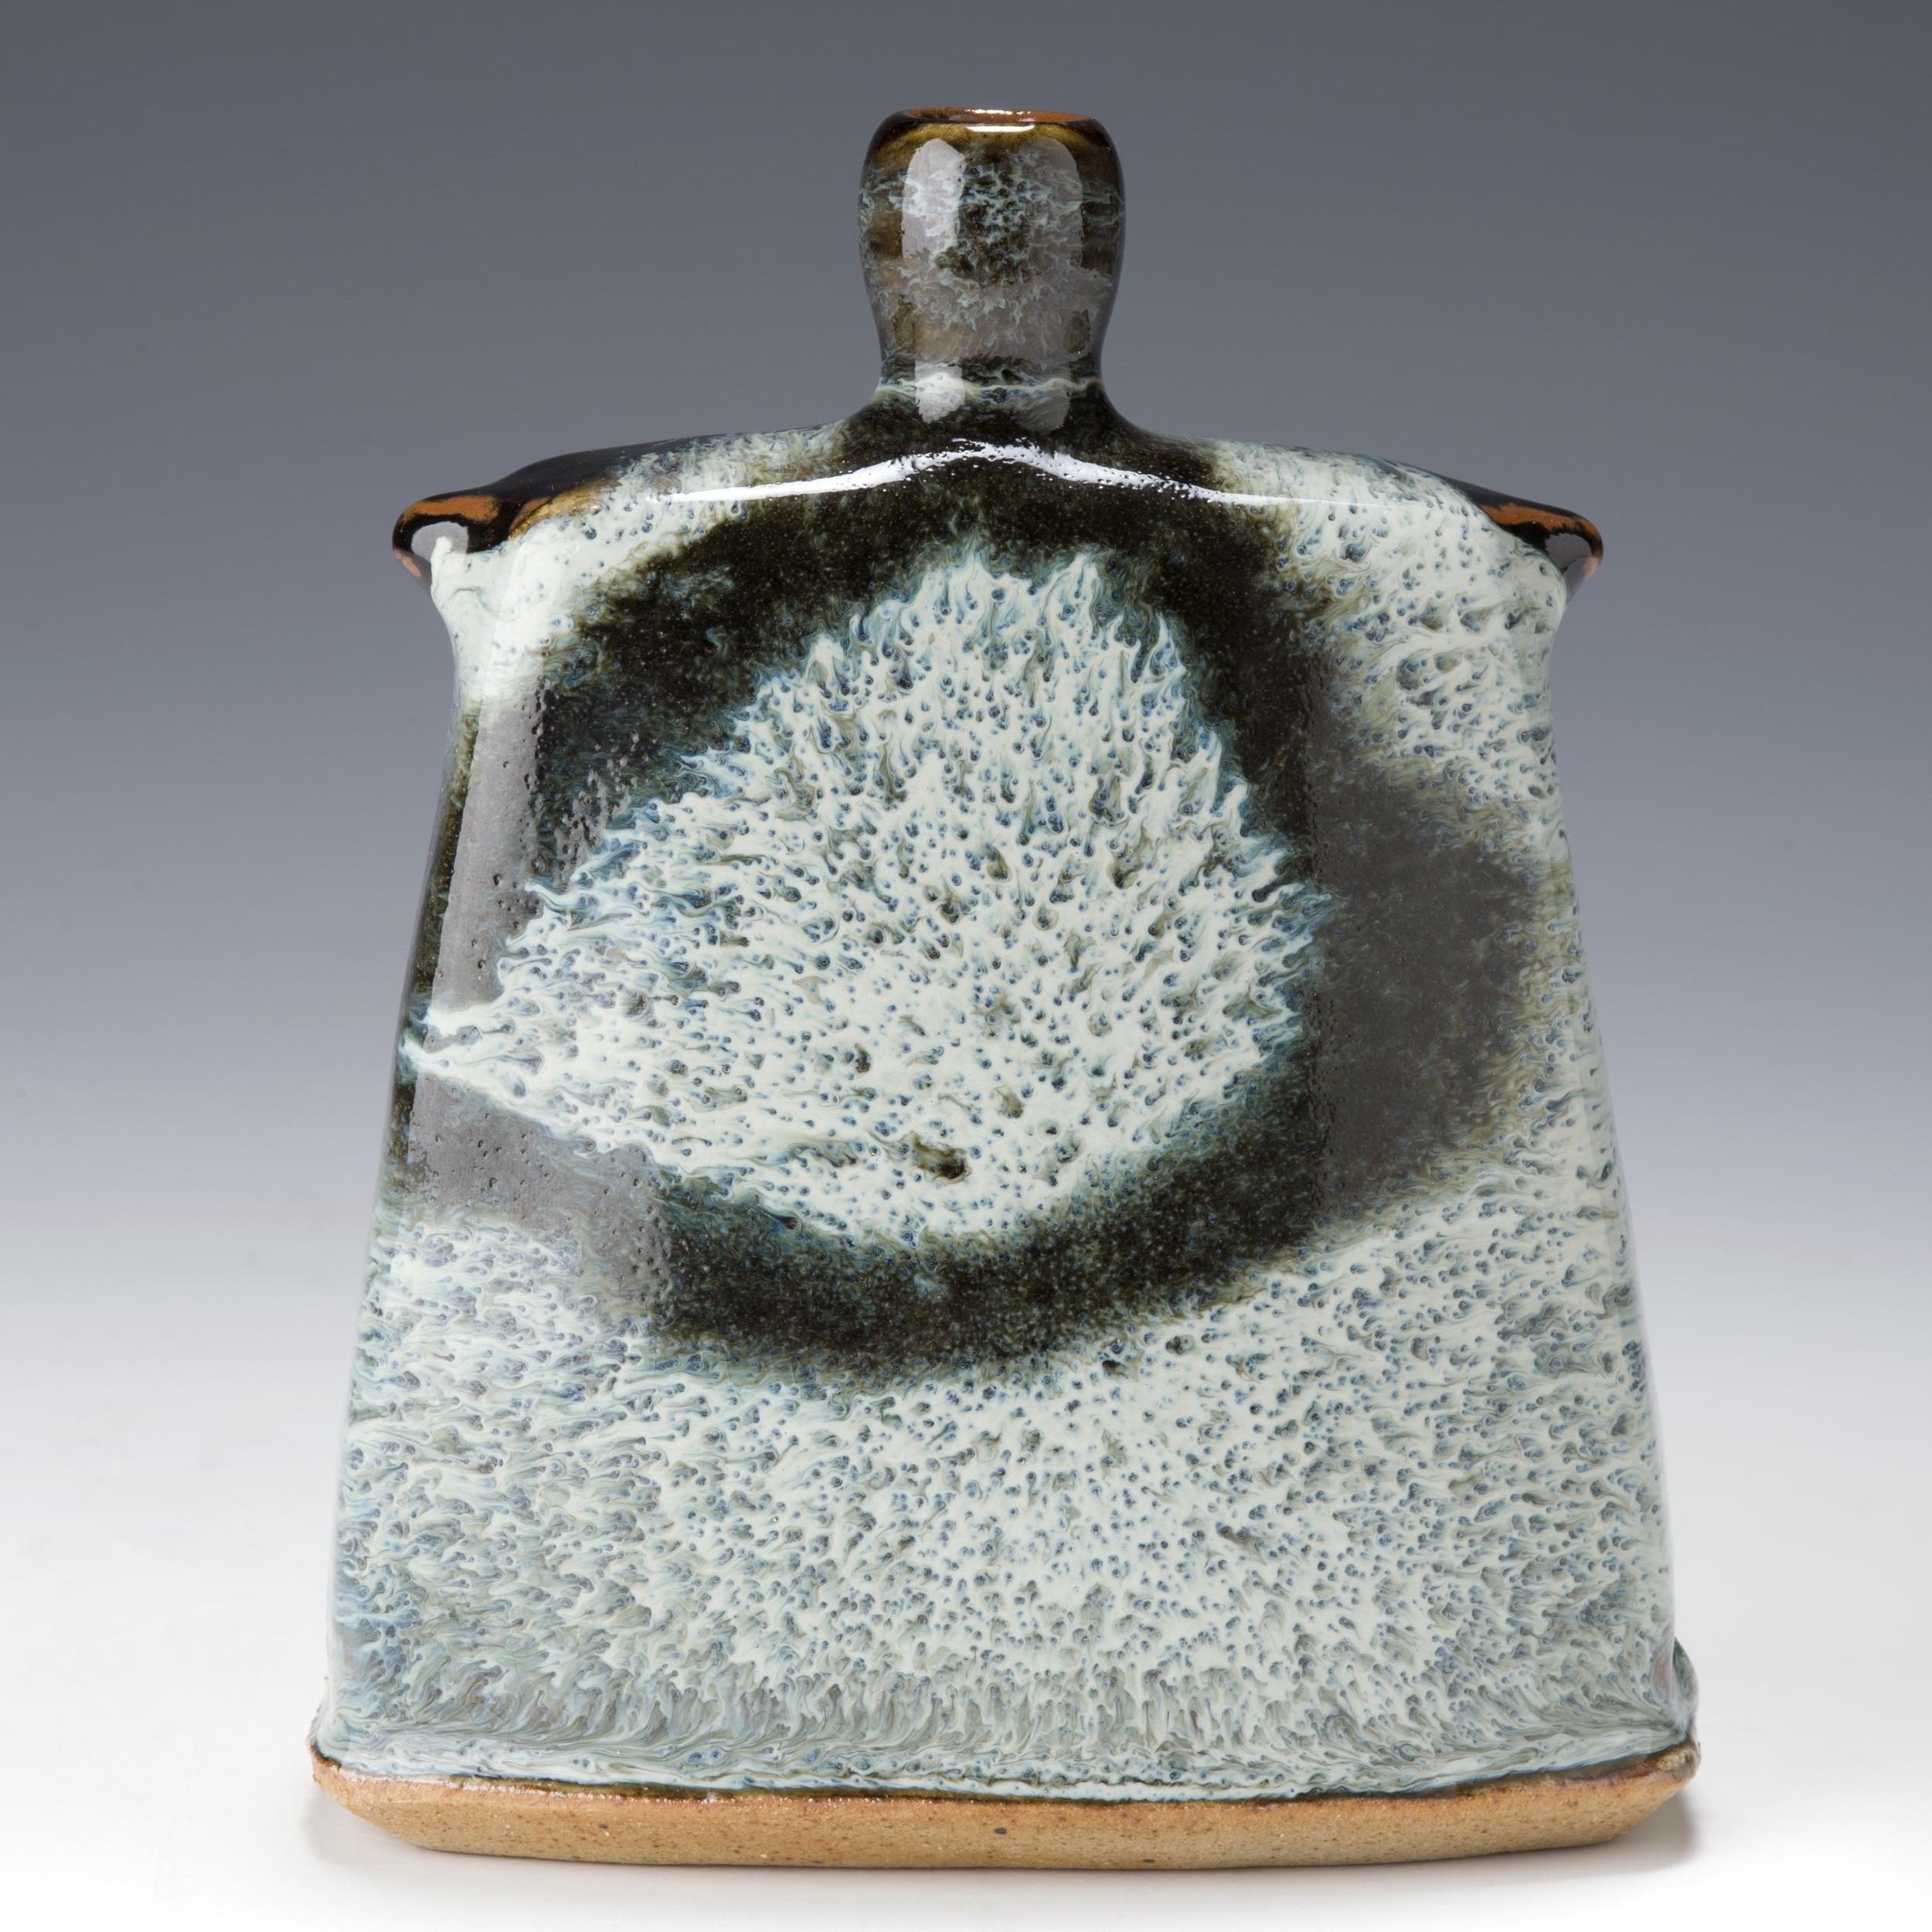 James Hake Ceramics